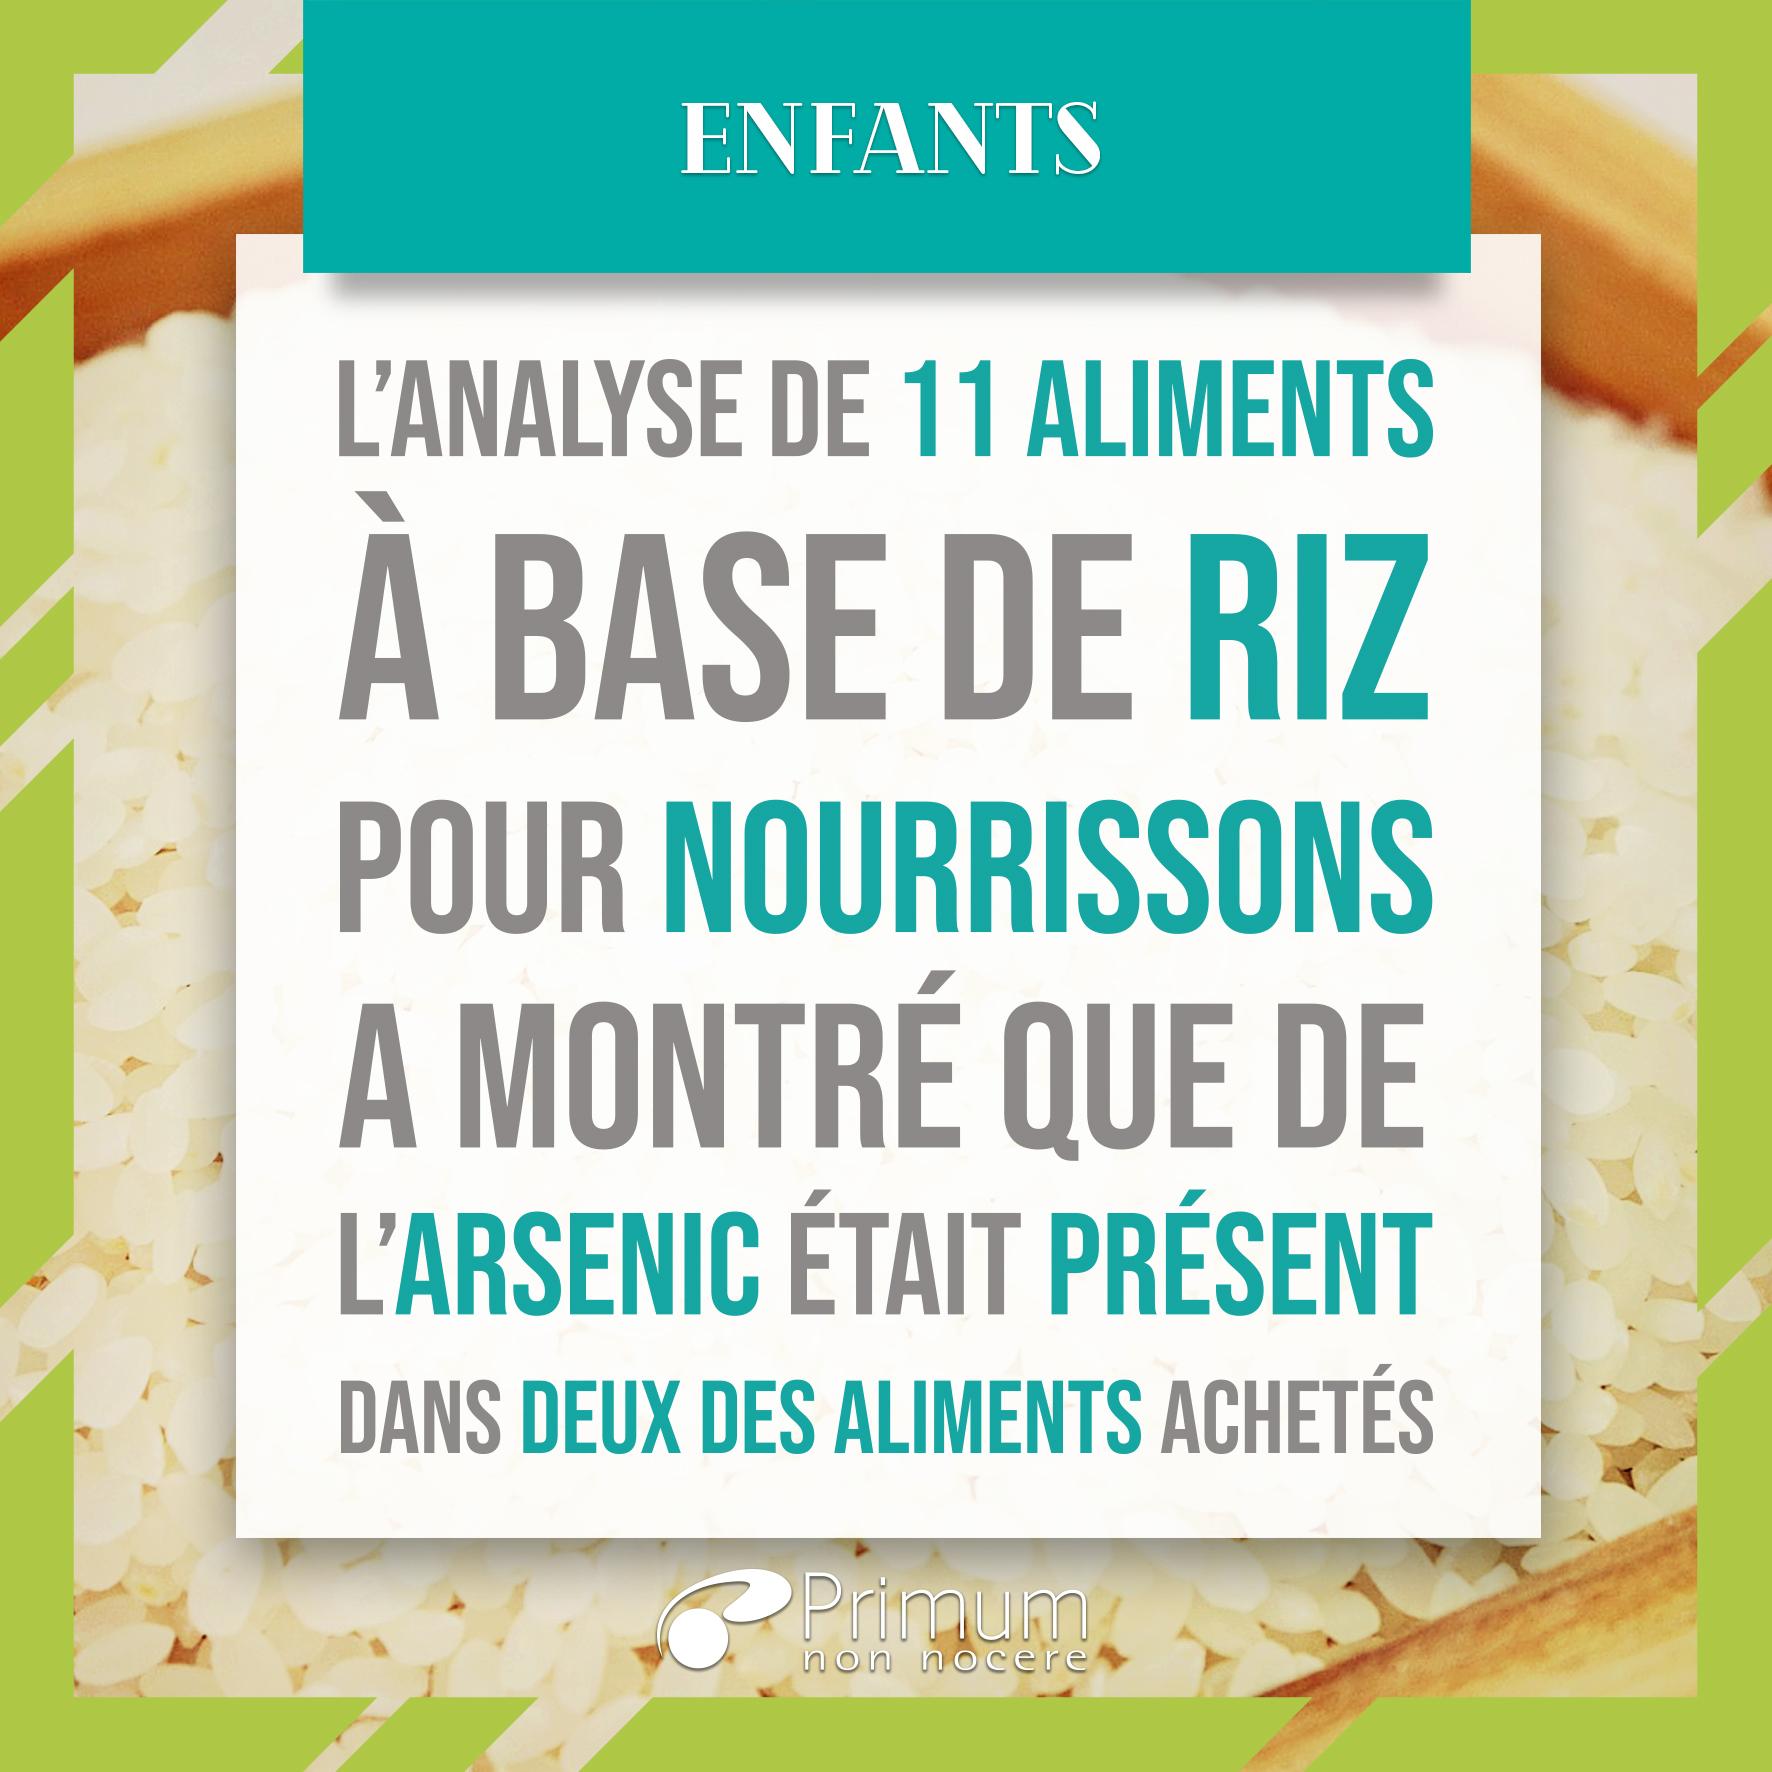 aliments pour nourrisson à base de riz arsenic